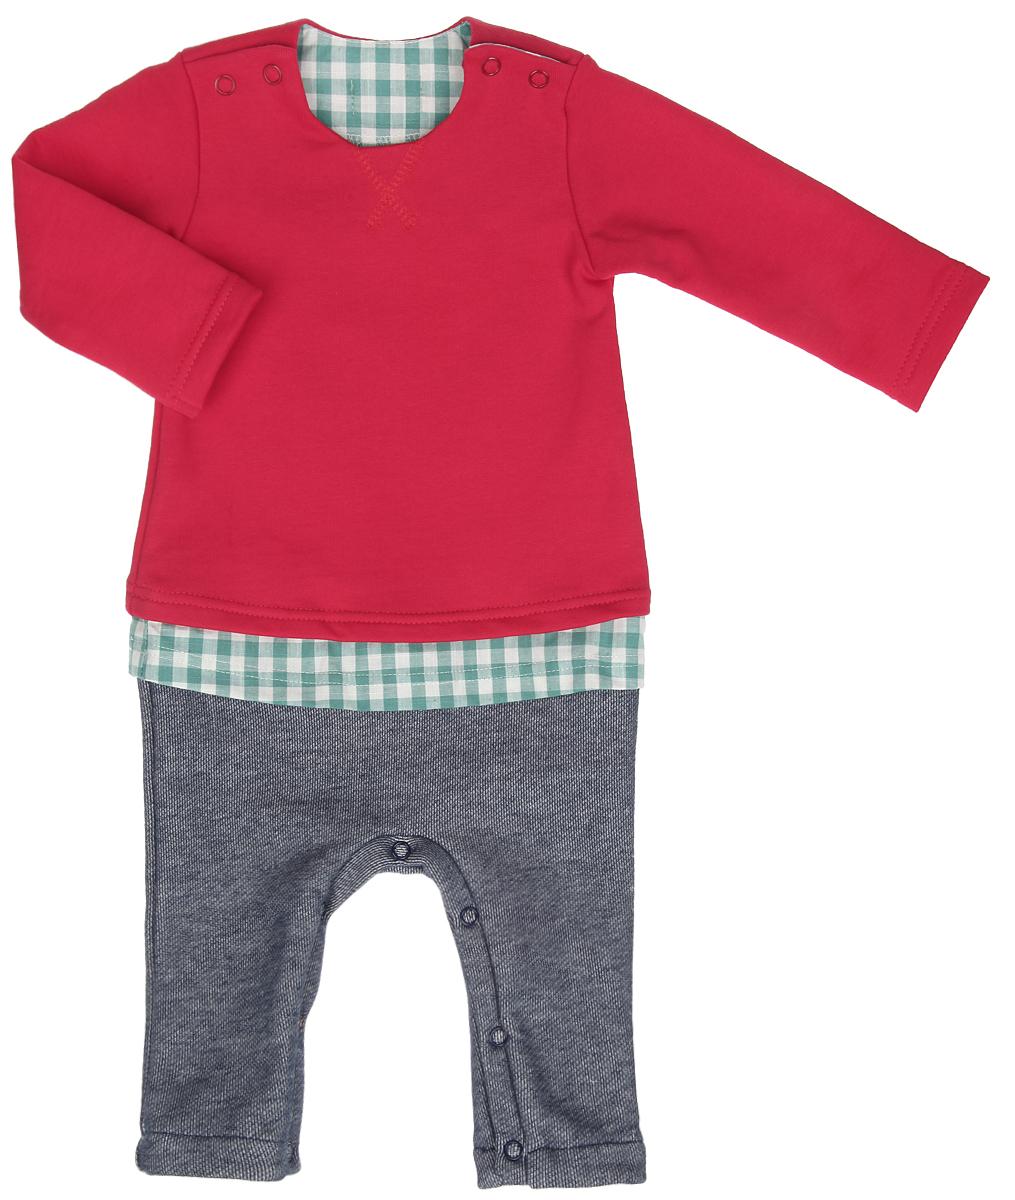 Комбинезон для мальчика Ёмаё, цвет: красный, темно-синий, зеленый. 22-434. Размер 6222-434Комбинезон для мальчика Ёмаё, имитирующий комплект из яркого джемпера, клетчатой рубашки и штанишек под джинсу, выполнен из хлопка с добавлением полиэстера. Комбинезон очень мягкий и приятный на ощупь, не раздражает нежную и чувствительную кожу ребенка. Лицевая сторона изделия гладкая, изнаночная с небольшими петельками, благодаря чему комбинезон удивительно комфортный и теплый. Модель с круглым вырезом горловины, длинными рукавами и открытыми ножками имеет застежки-кнопки по плечевым швам и на ластовице, что позволяет с легкостью переодеть малыша или сменить подгузник. Спереди изделие украшено фигурной прострочкой.Такой комбинезон станет стильным дополнением к гардеробу вашего ребенка, в нем крохе будет комфортно и уютно.